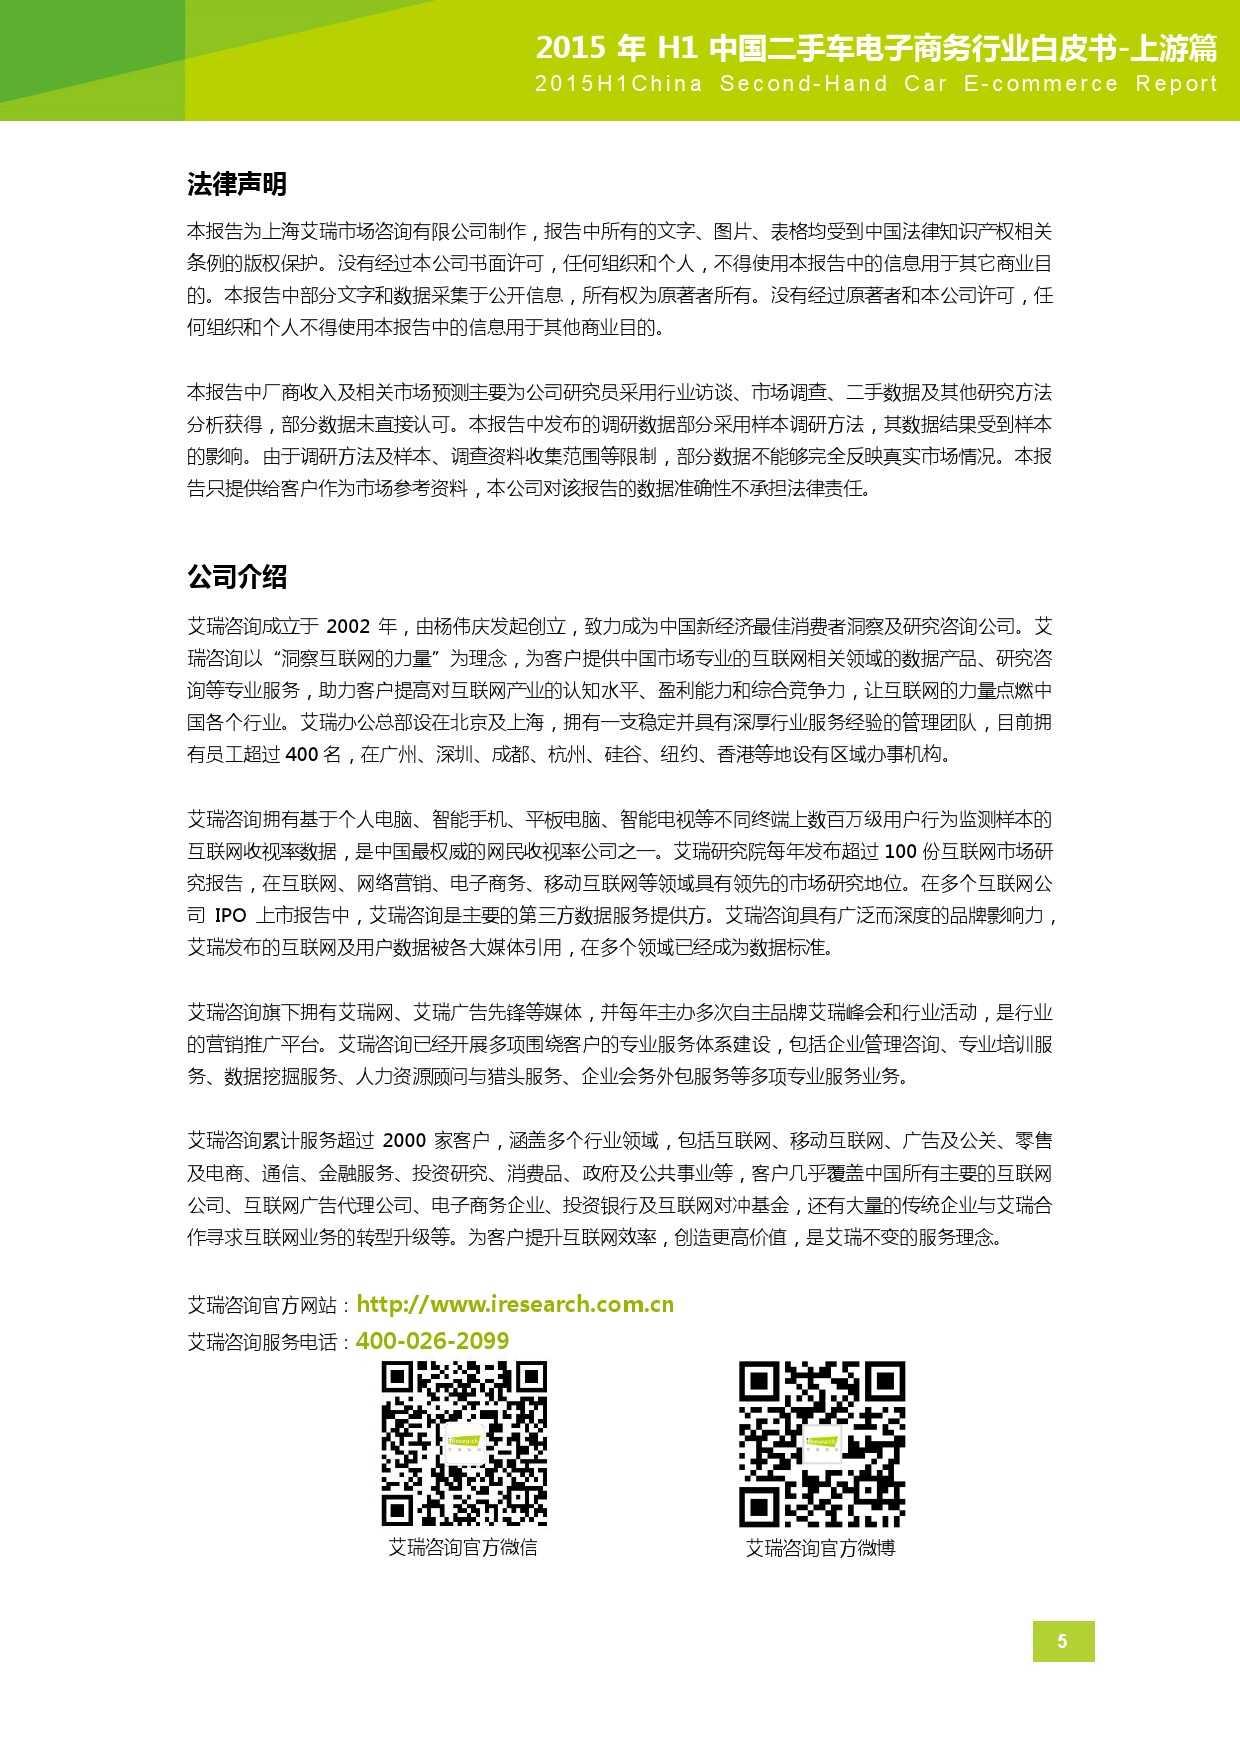 2015年中国二手车电子商务行业白皮书-上游篇_000054